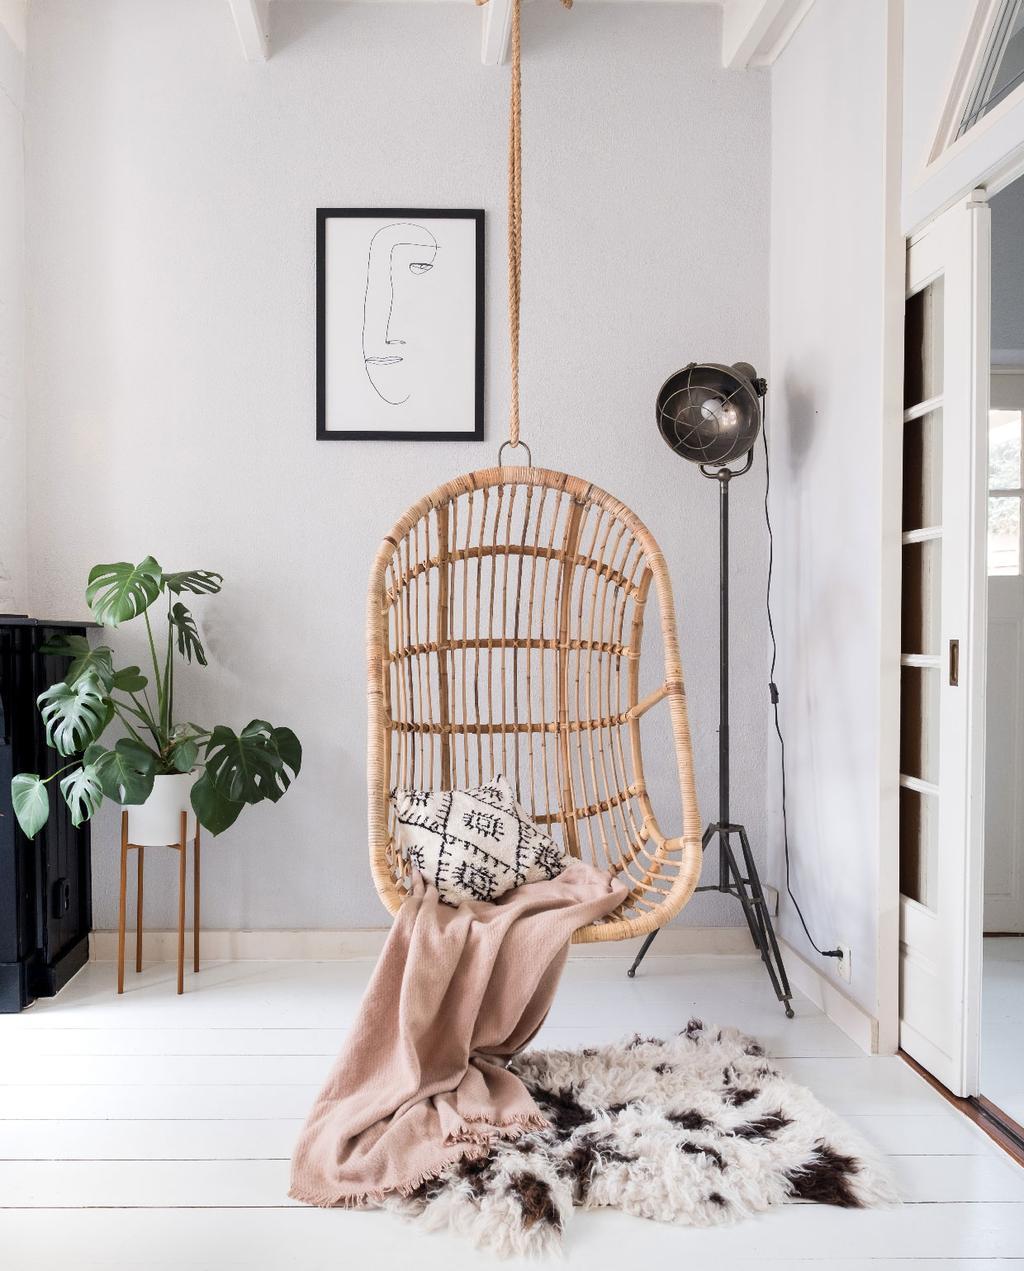 vtwonen 08-2020 | binnenkijken in een zomerse eetkamer in meppel rieten hangstoel met roze plaid